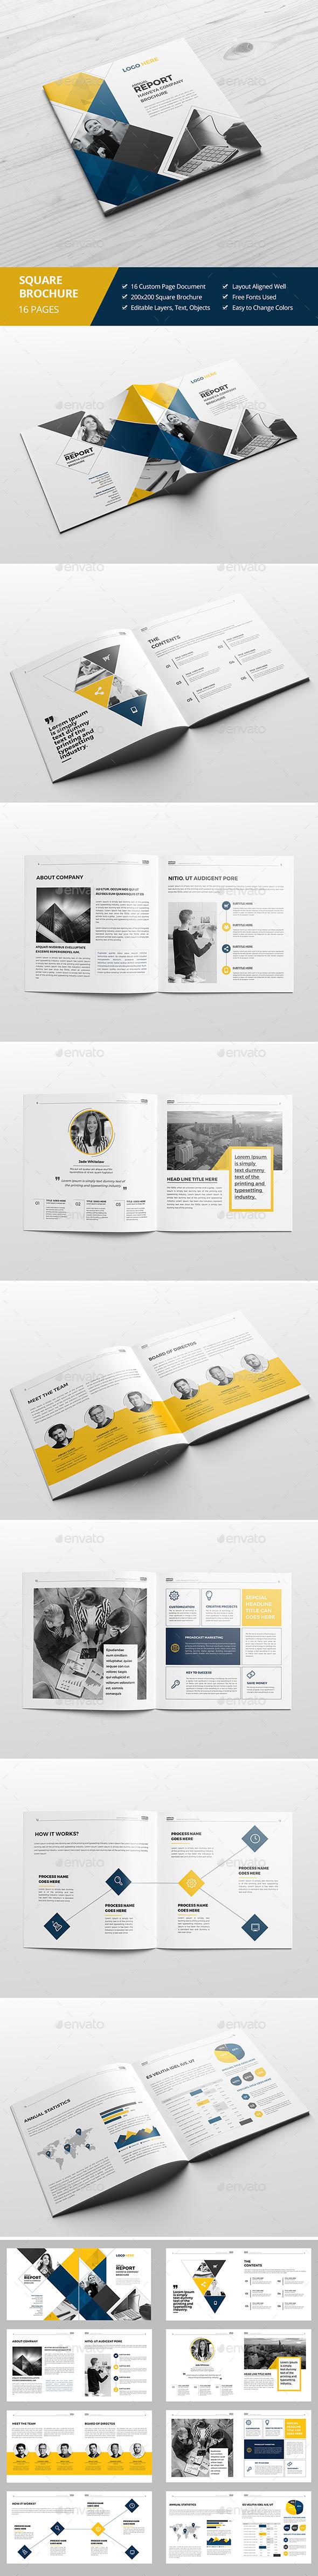 Haweya Square Brochure 02 - Corporate Brochures